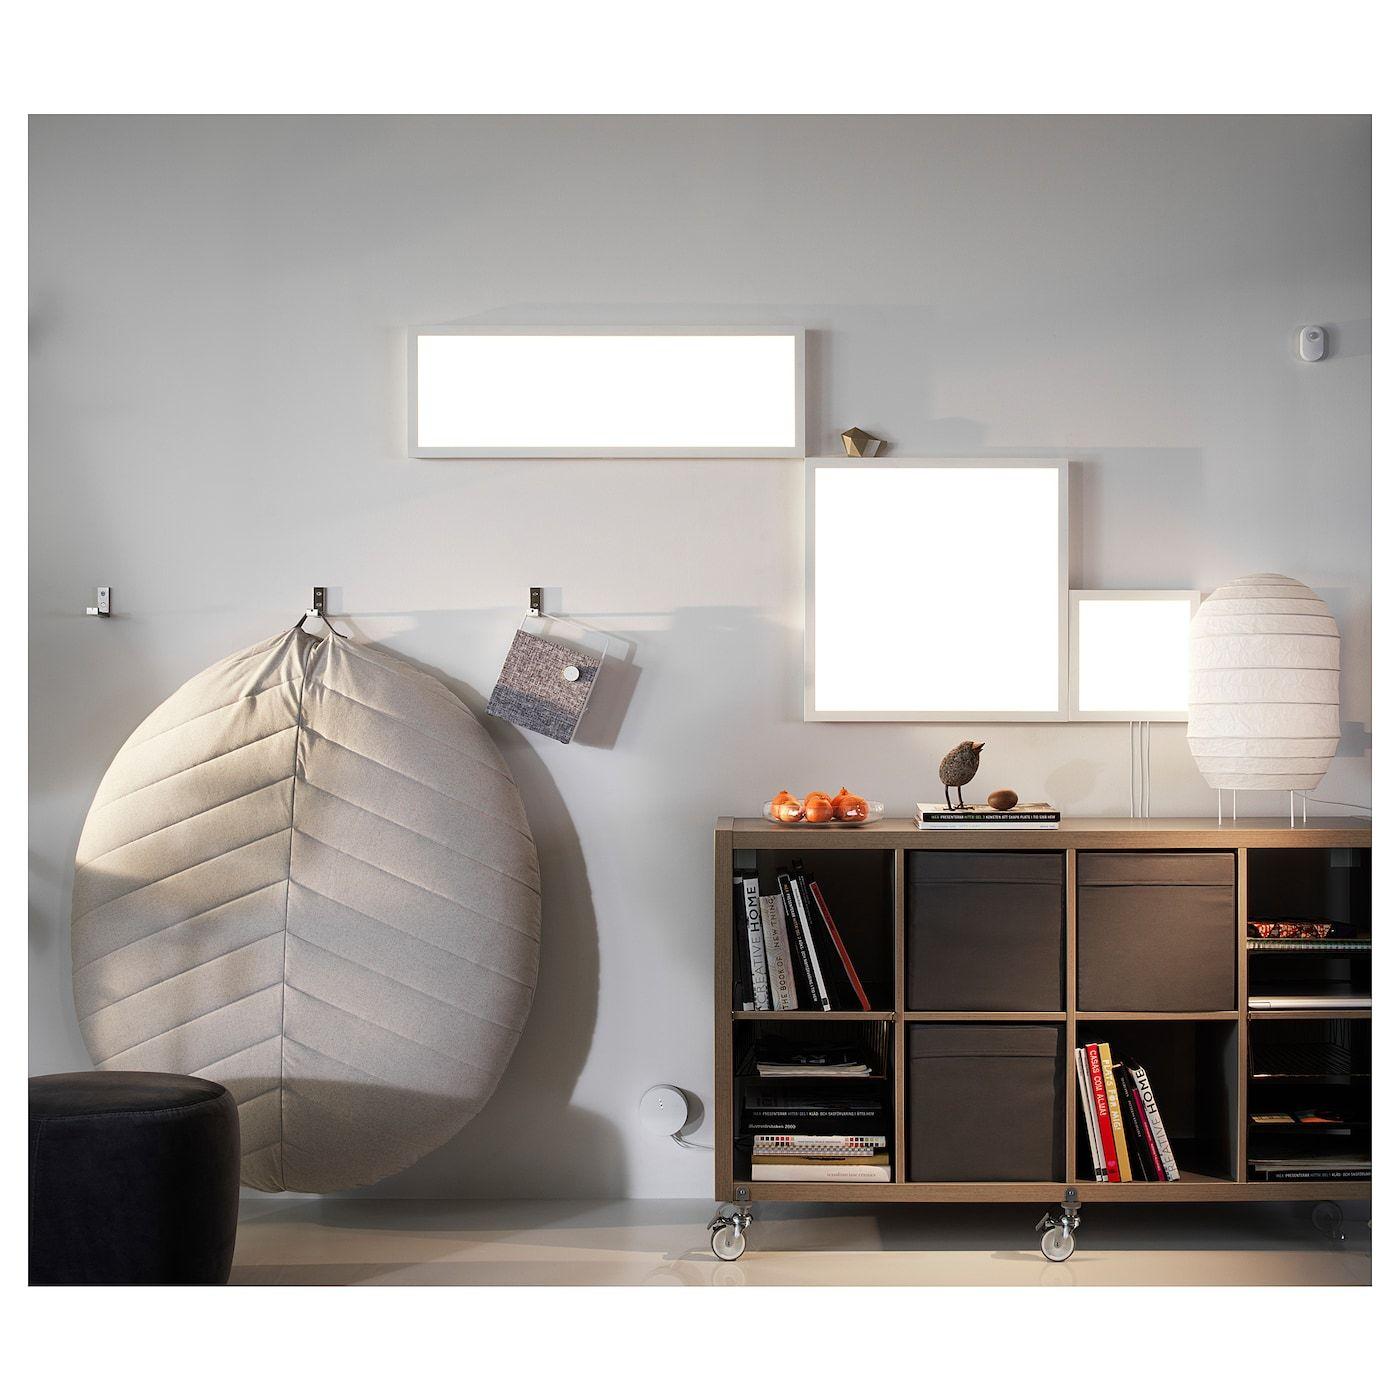 Floalt Led Light Panel Dimmable White Spectrum 24x24 Ikea Led Panel Light Led Lighting Diy Light Panel